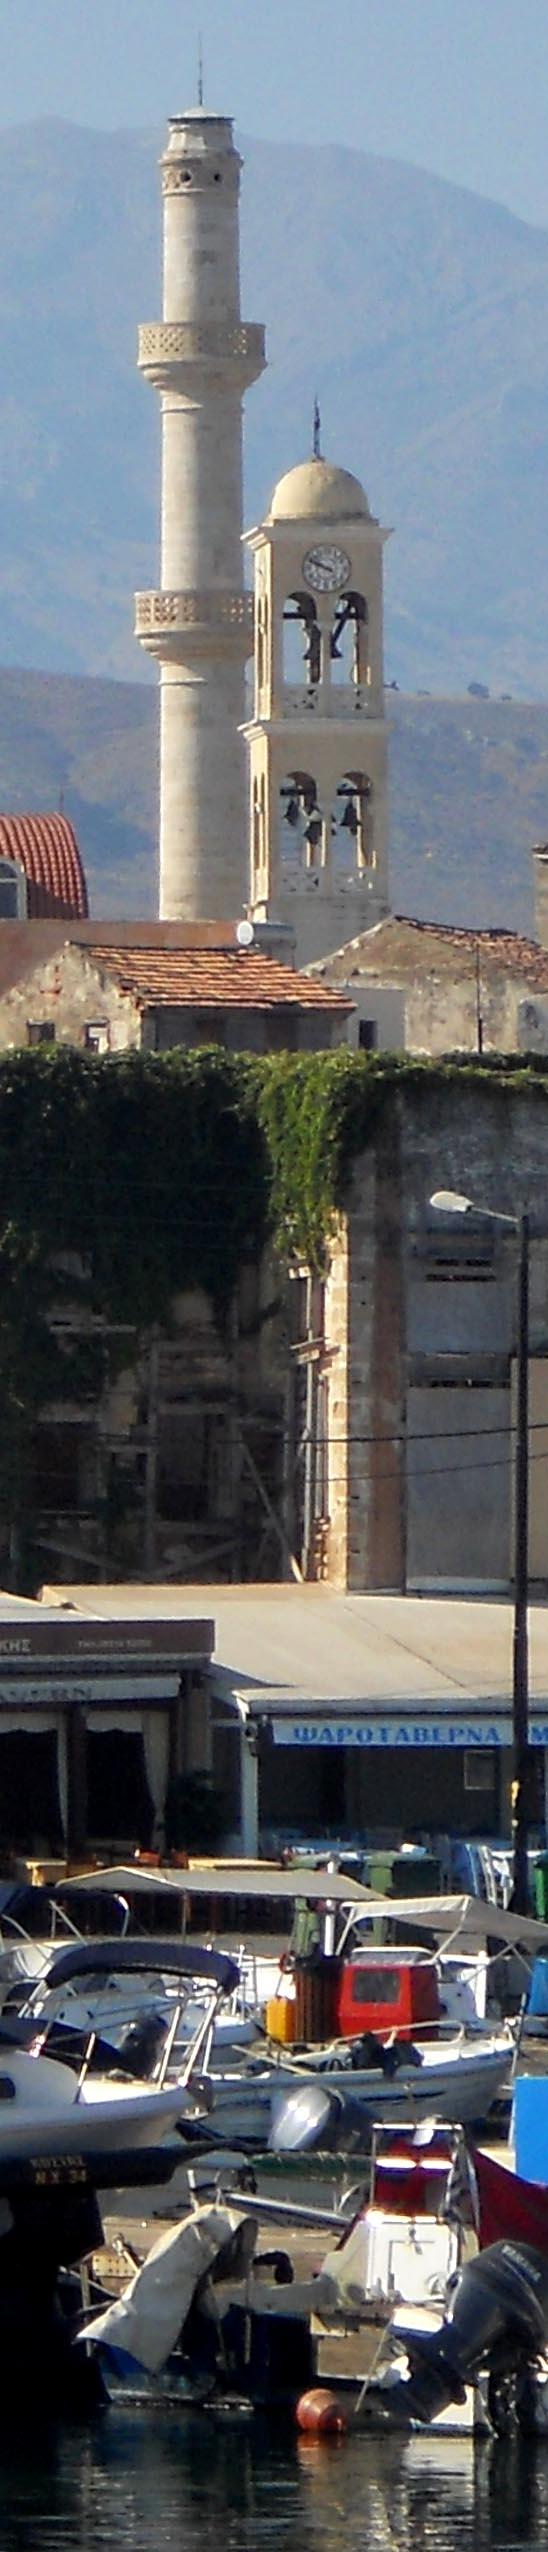 Il campanile, il minareto e le barche